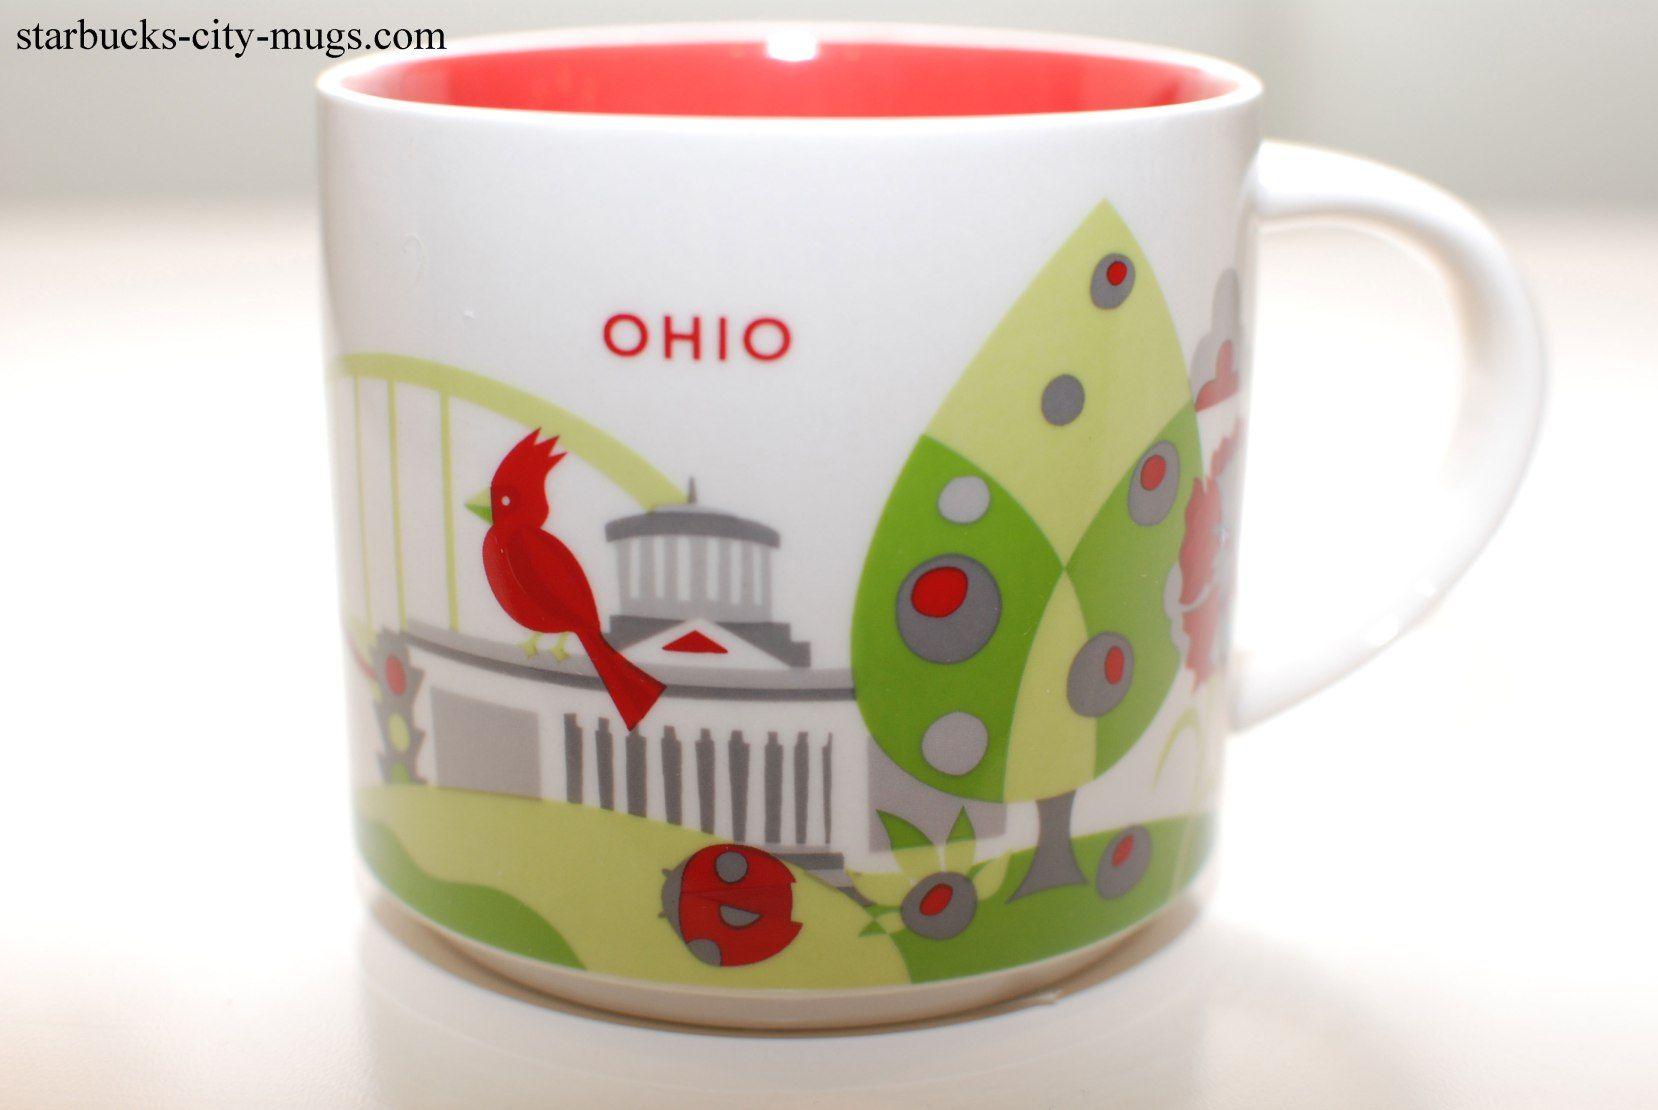 Ohio ornament starbucks city mugs starbucks mugs mugs